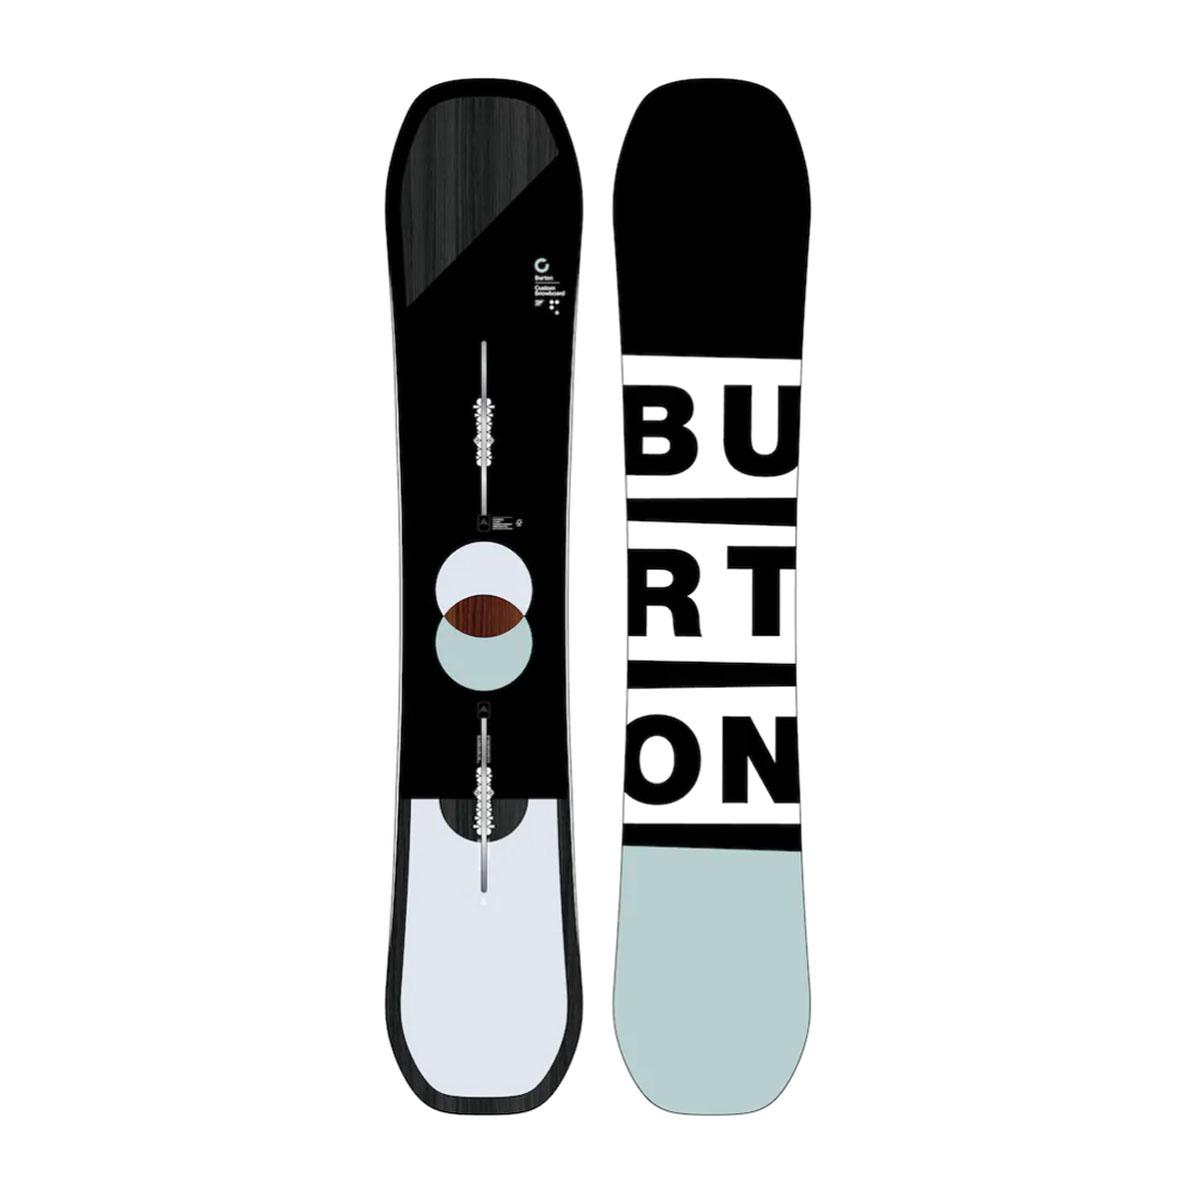 Burton CUSTOM FLYING V 158 19/20